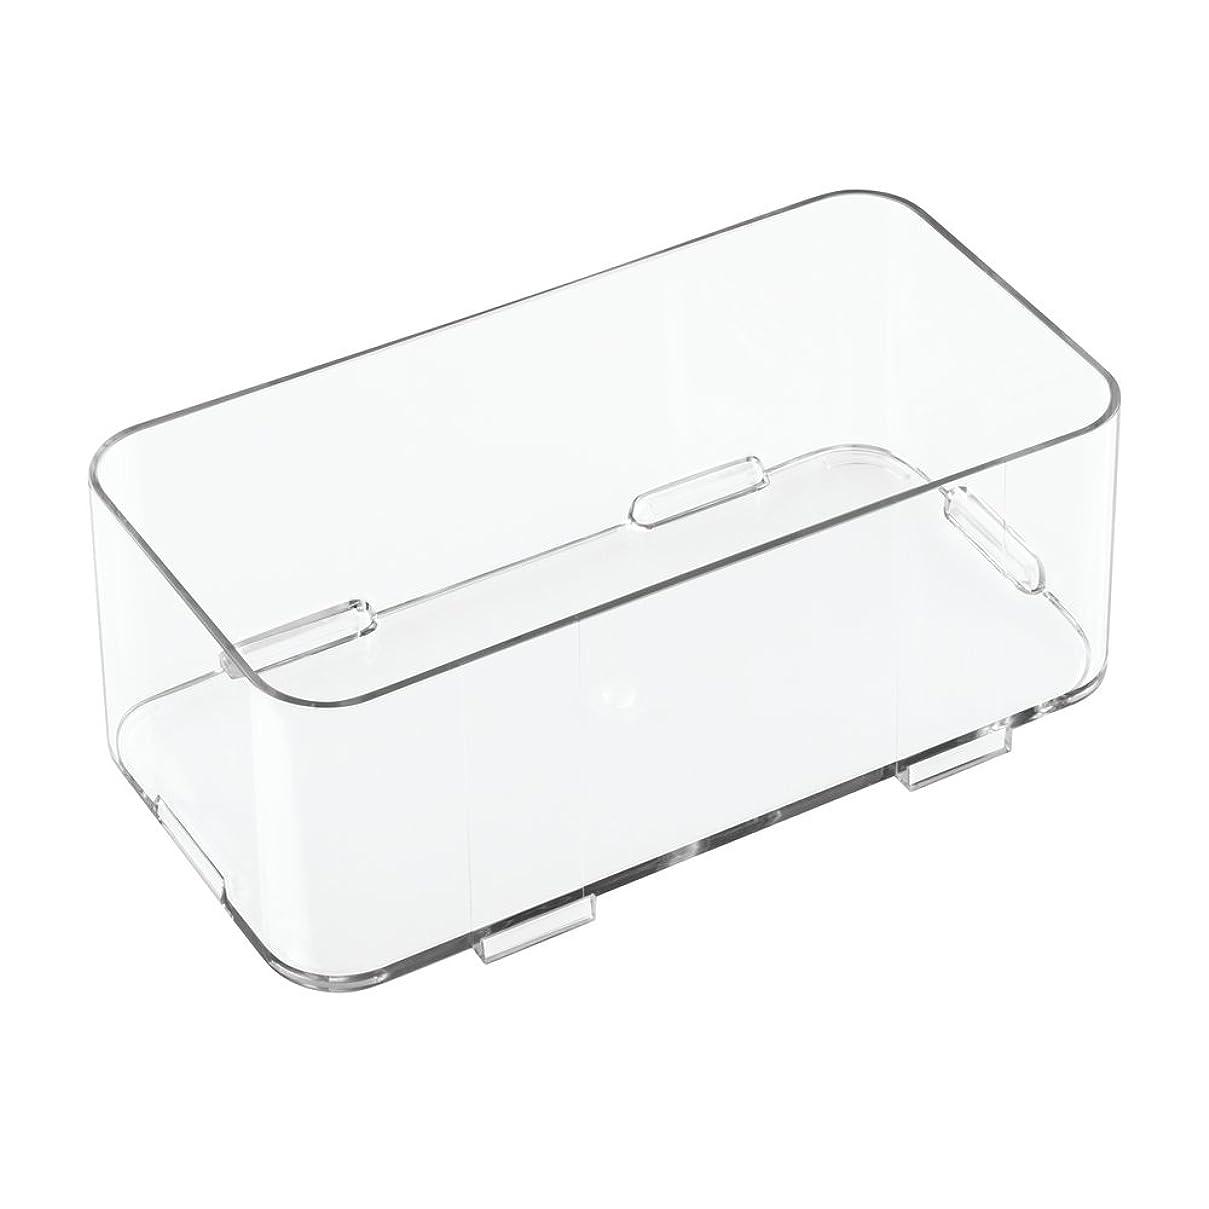 韓国歌うマットInterDesign 洗面所 化粧品 小物 収納 ボックス 組み合わせ式 Clarity 10 x 20 x 7.5 41410EJ